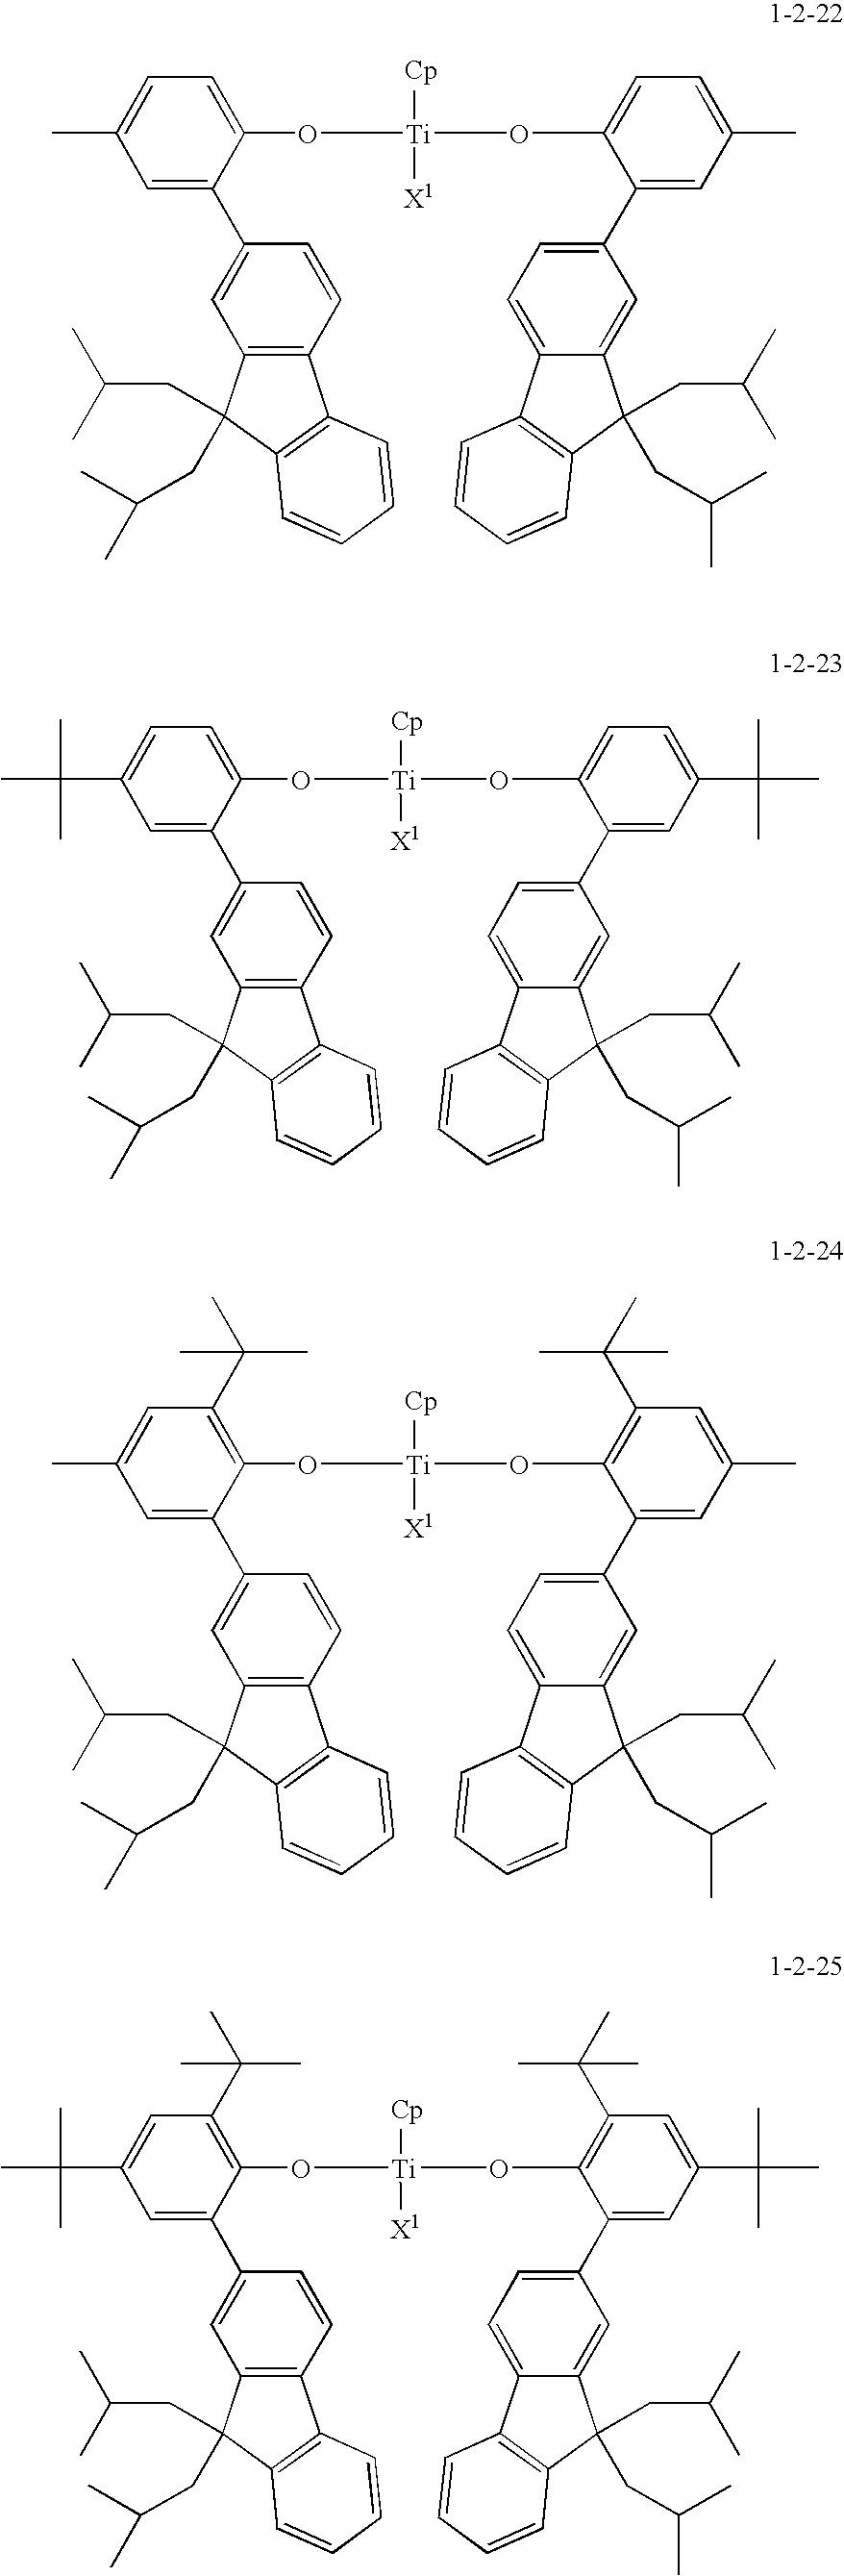 Figure US20100081776A1-20100401-C00083